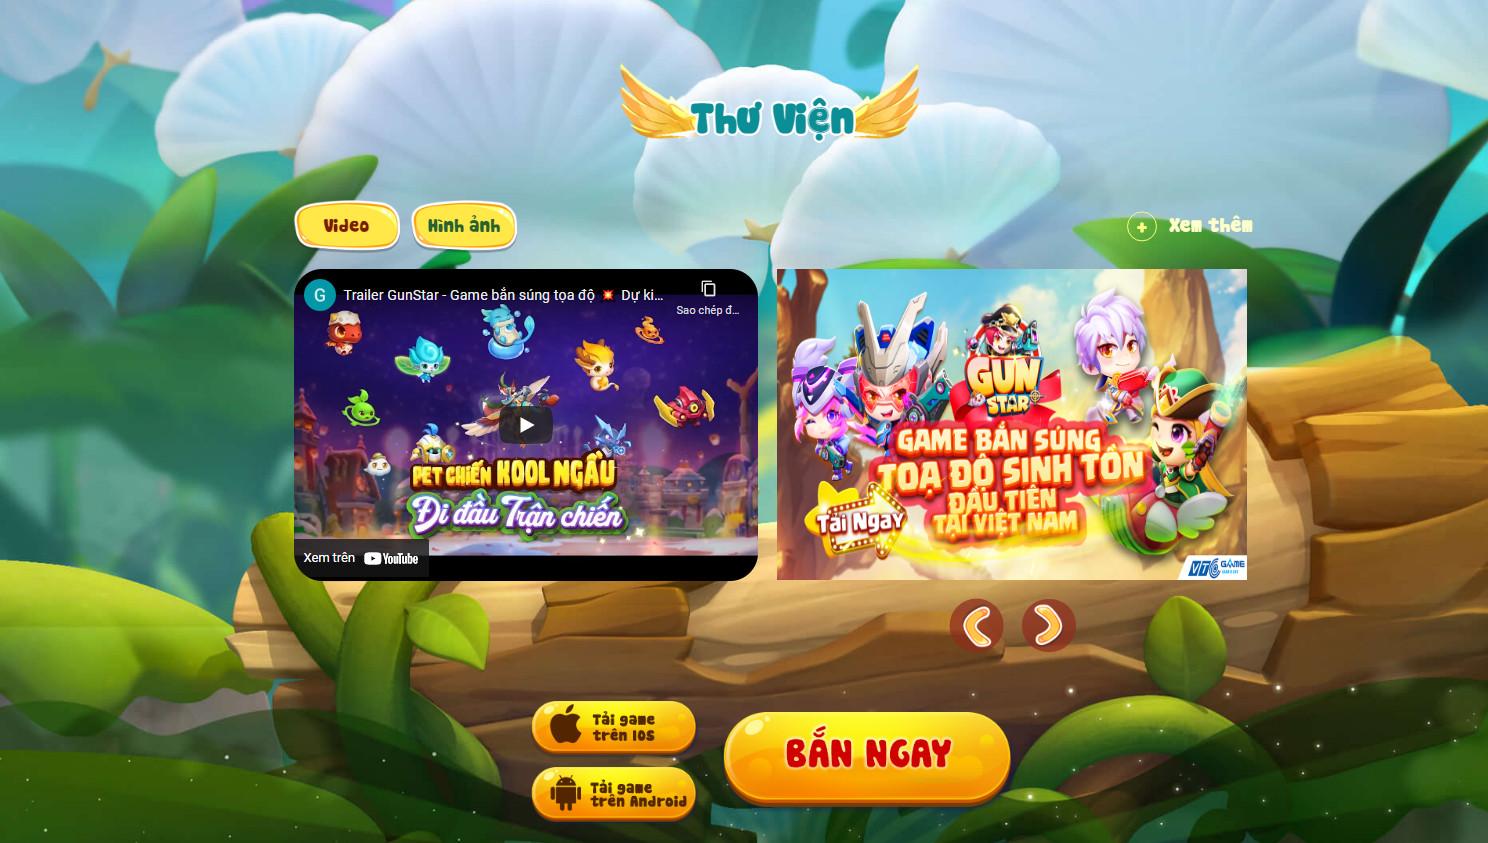 Trên website chính thức, mọi người có thể trải nghiệm game nhanh ngay trên tab 'BẮN NGAY'